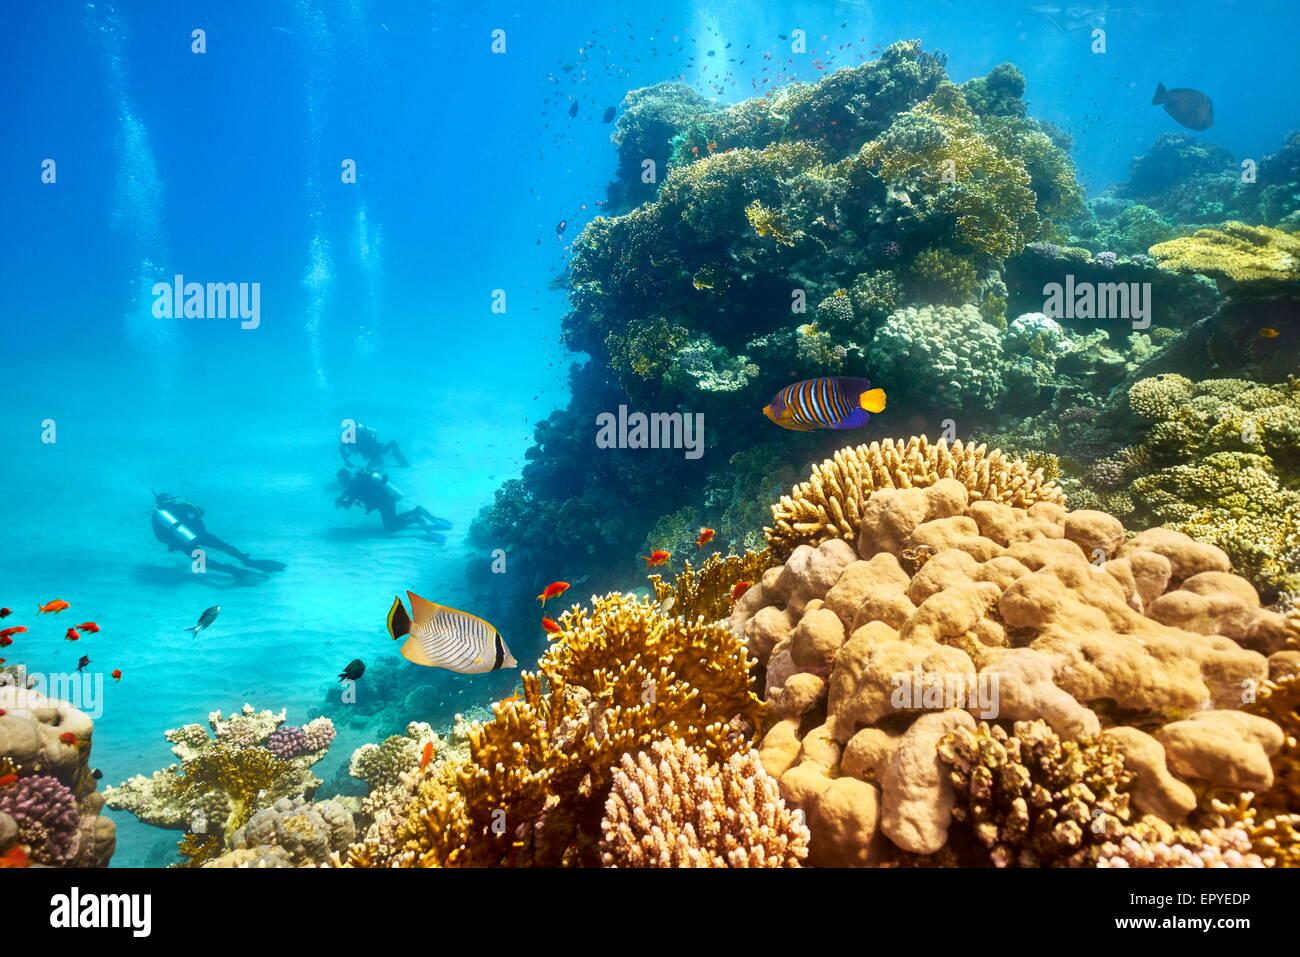 Mar Rosso - vista subacquea a subacquei e la barriera corallina, Marsa Alam, Egitto Immagini Stock